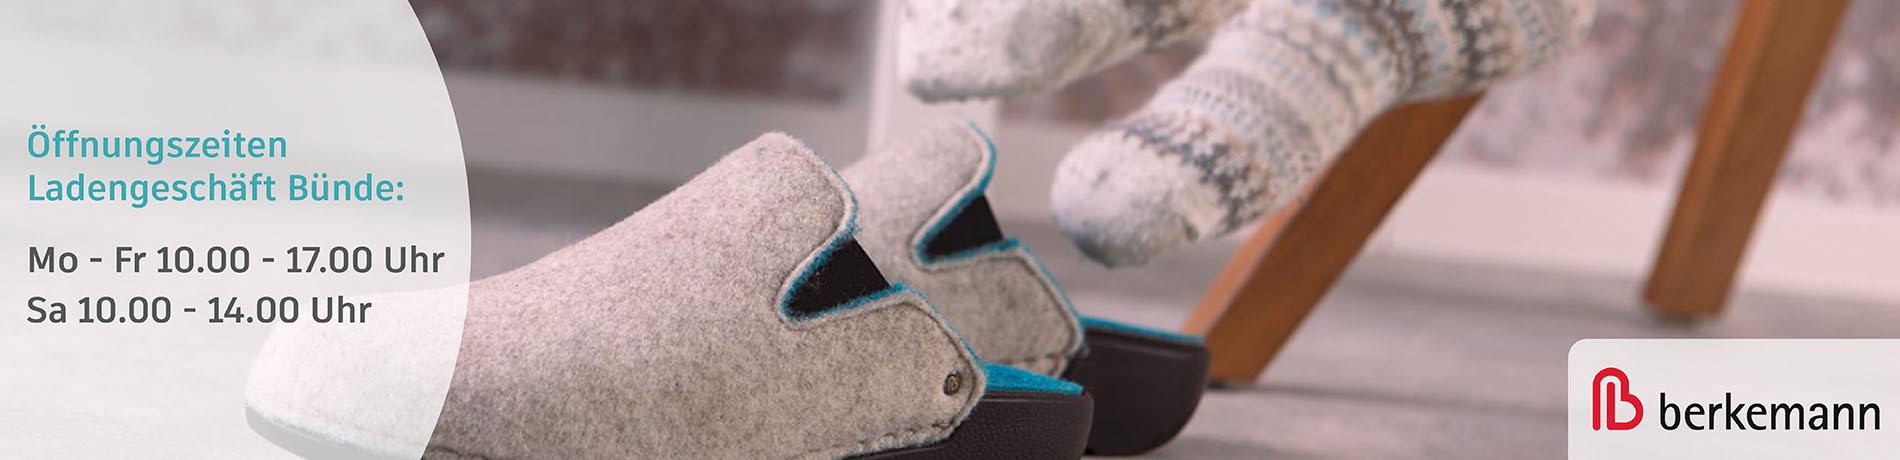 Berkemann Schuhe online Vormbrock Buende